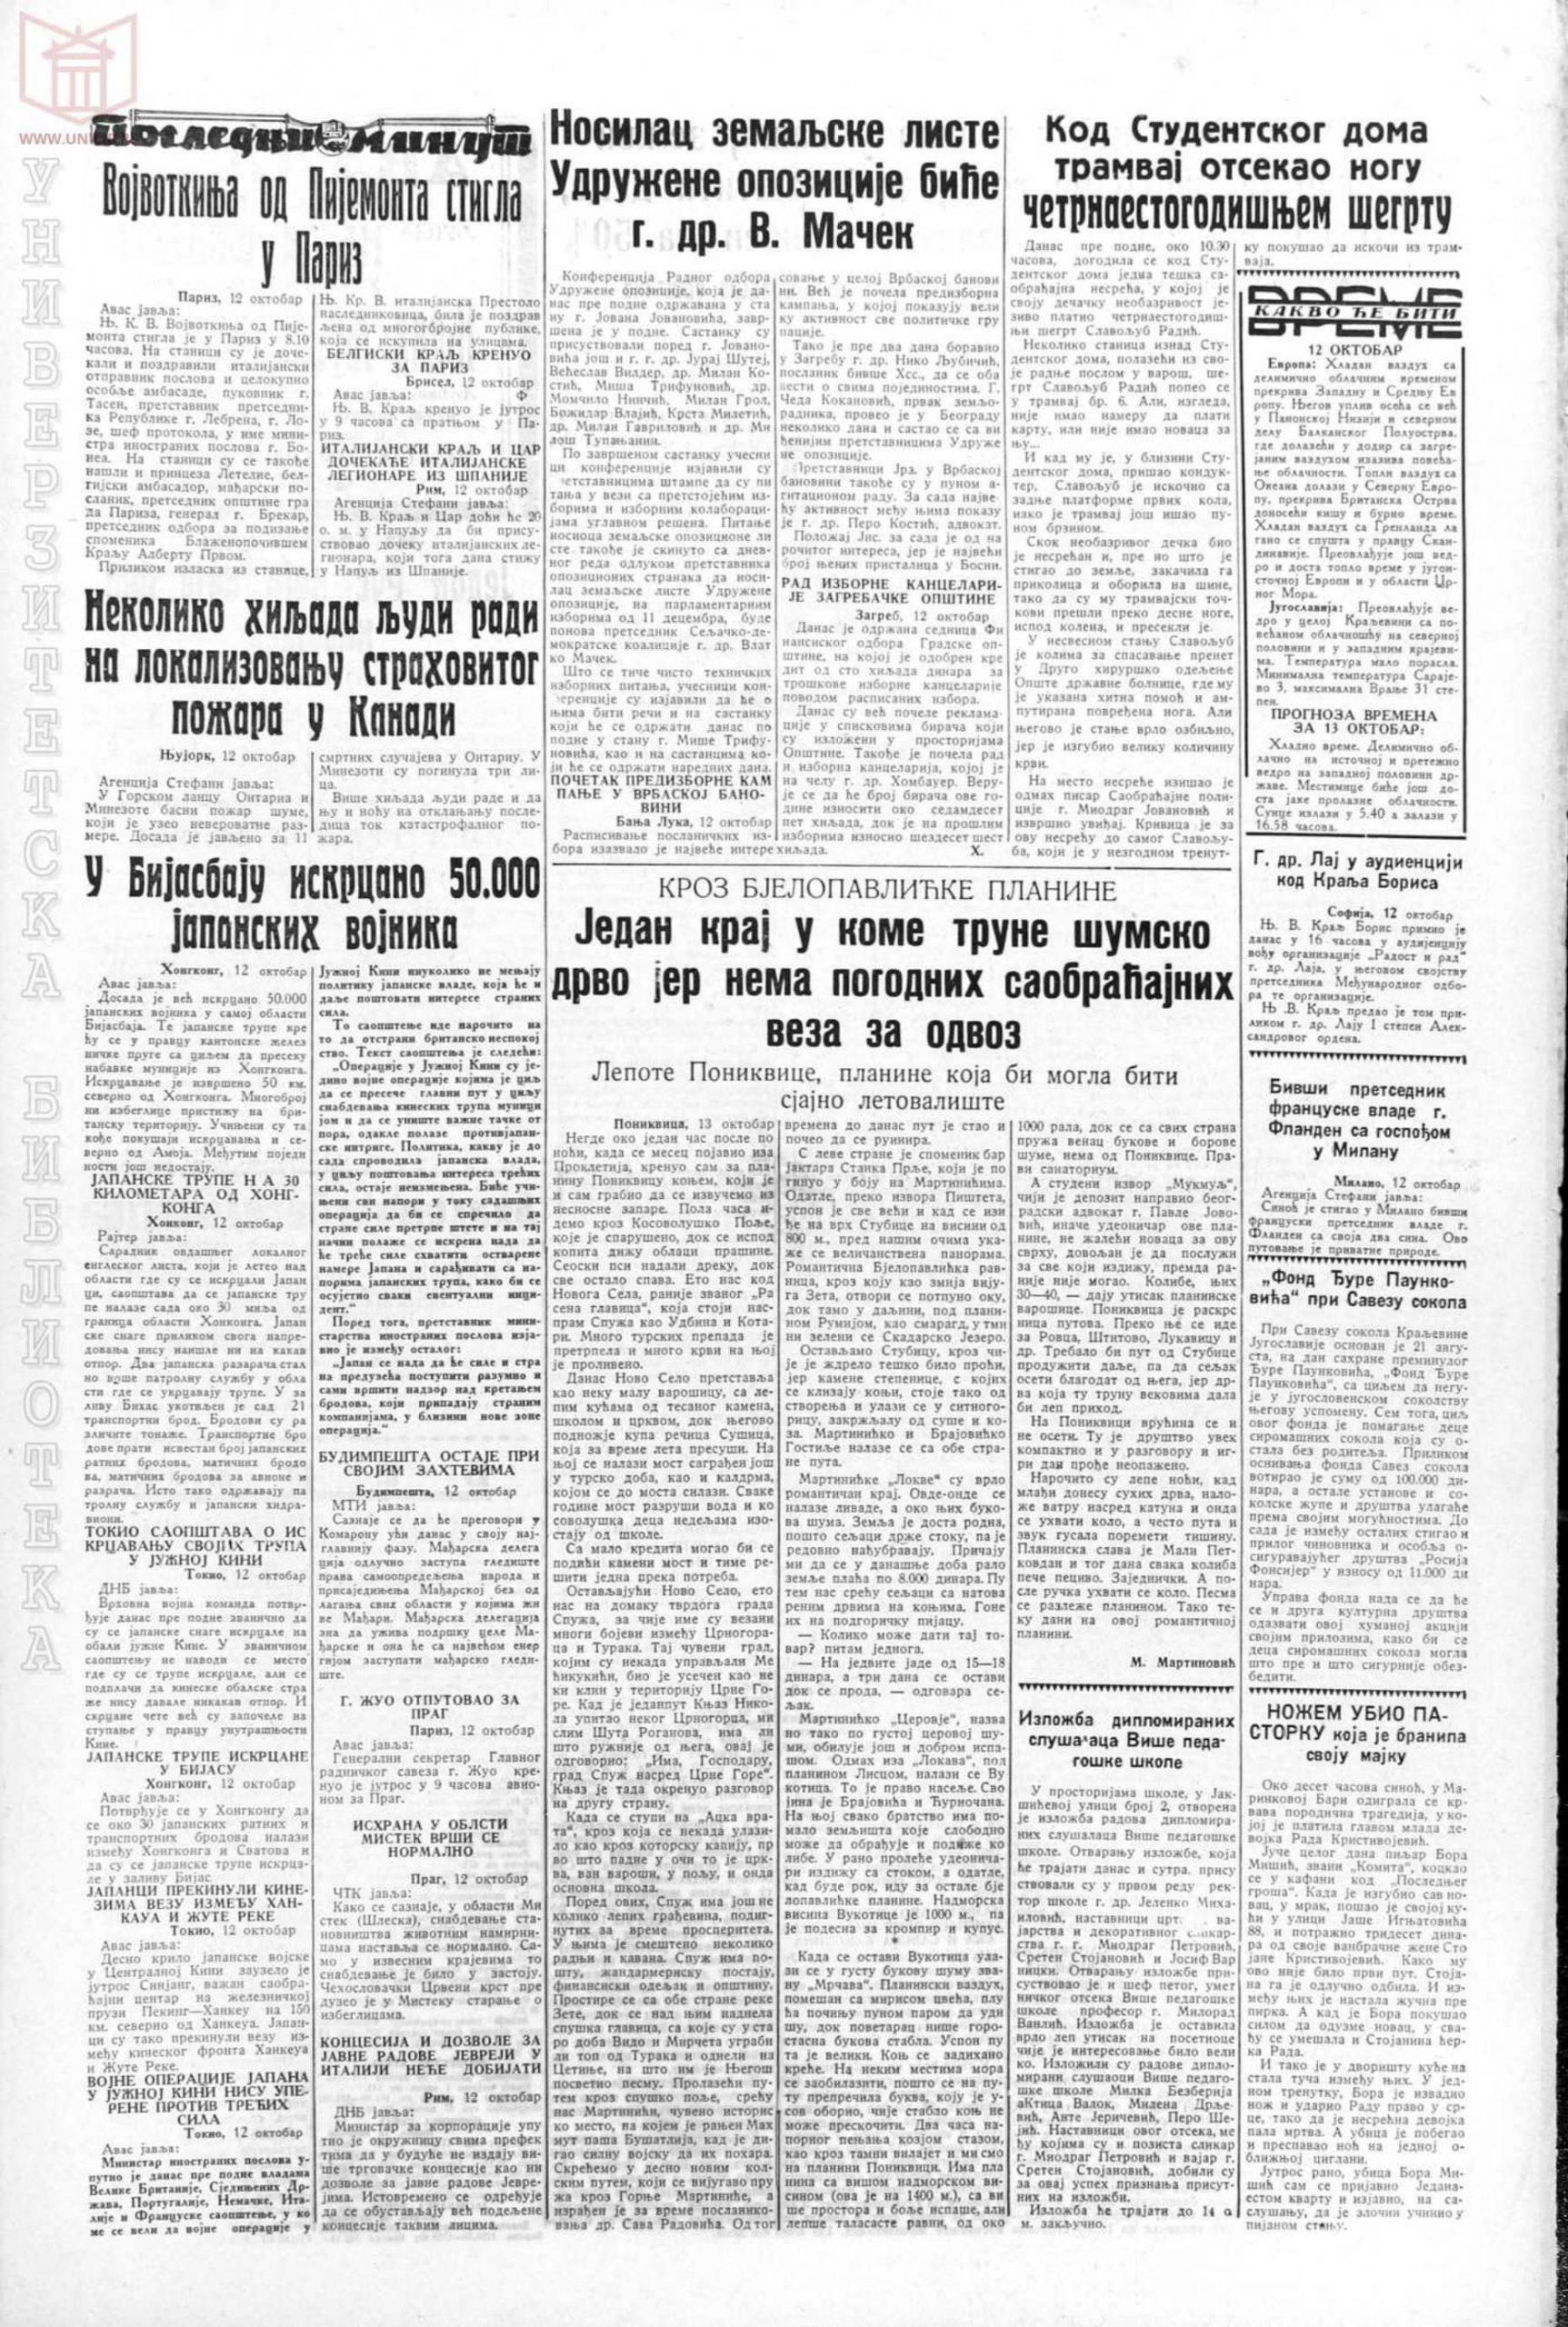 Pravda 13.10.1938 p7-1